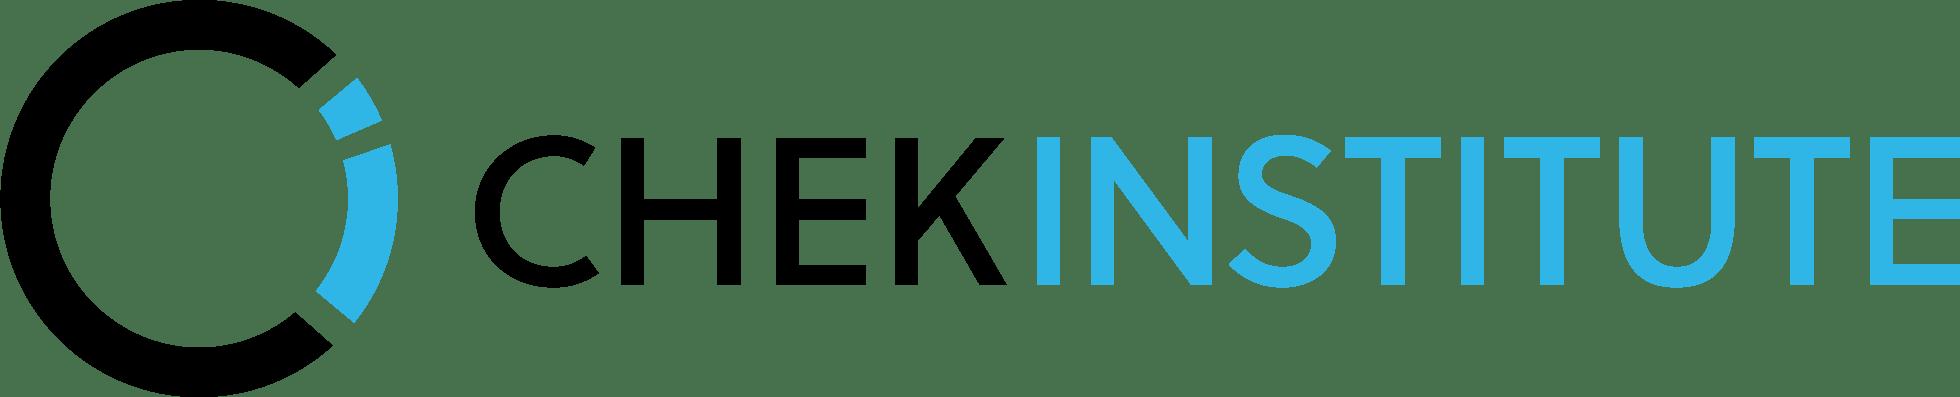 CHEK Institute